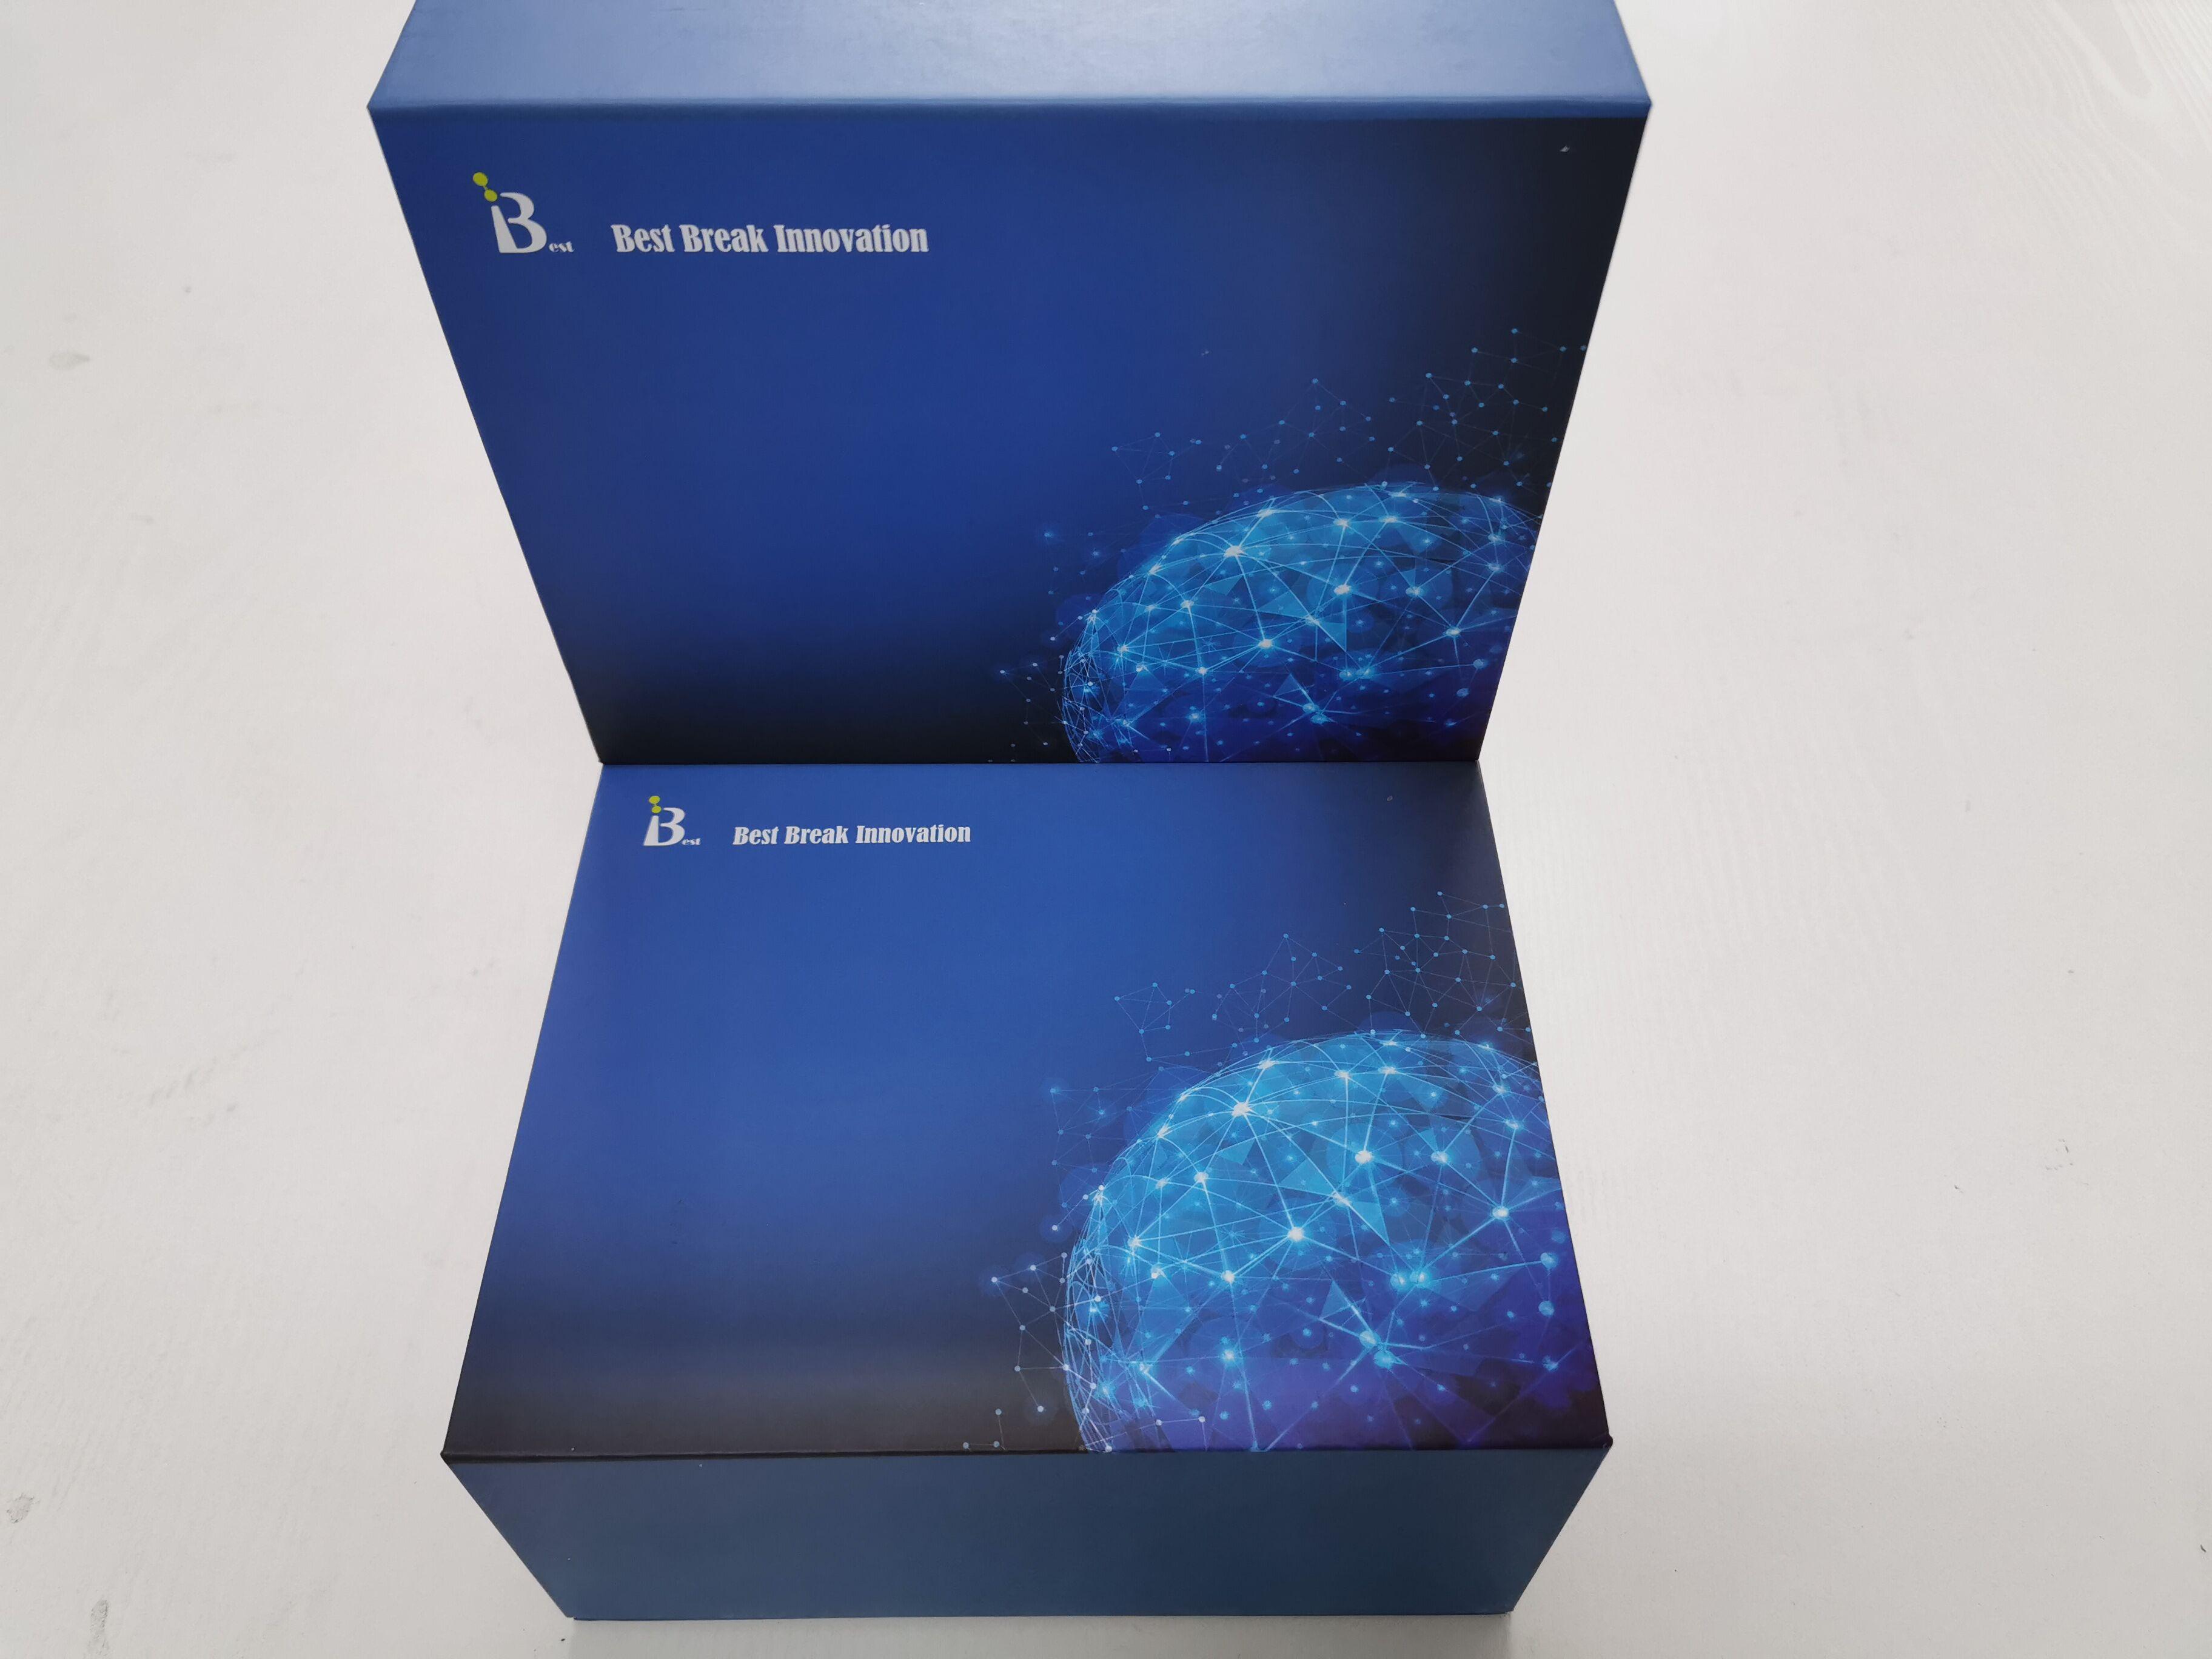 羊超氧化物歧化酶酶联免疫试剂盒